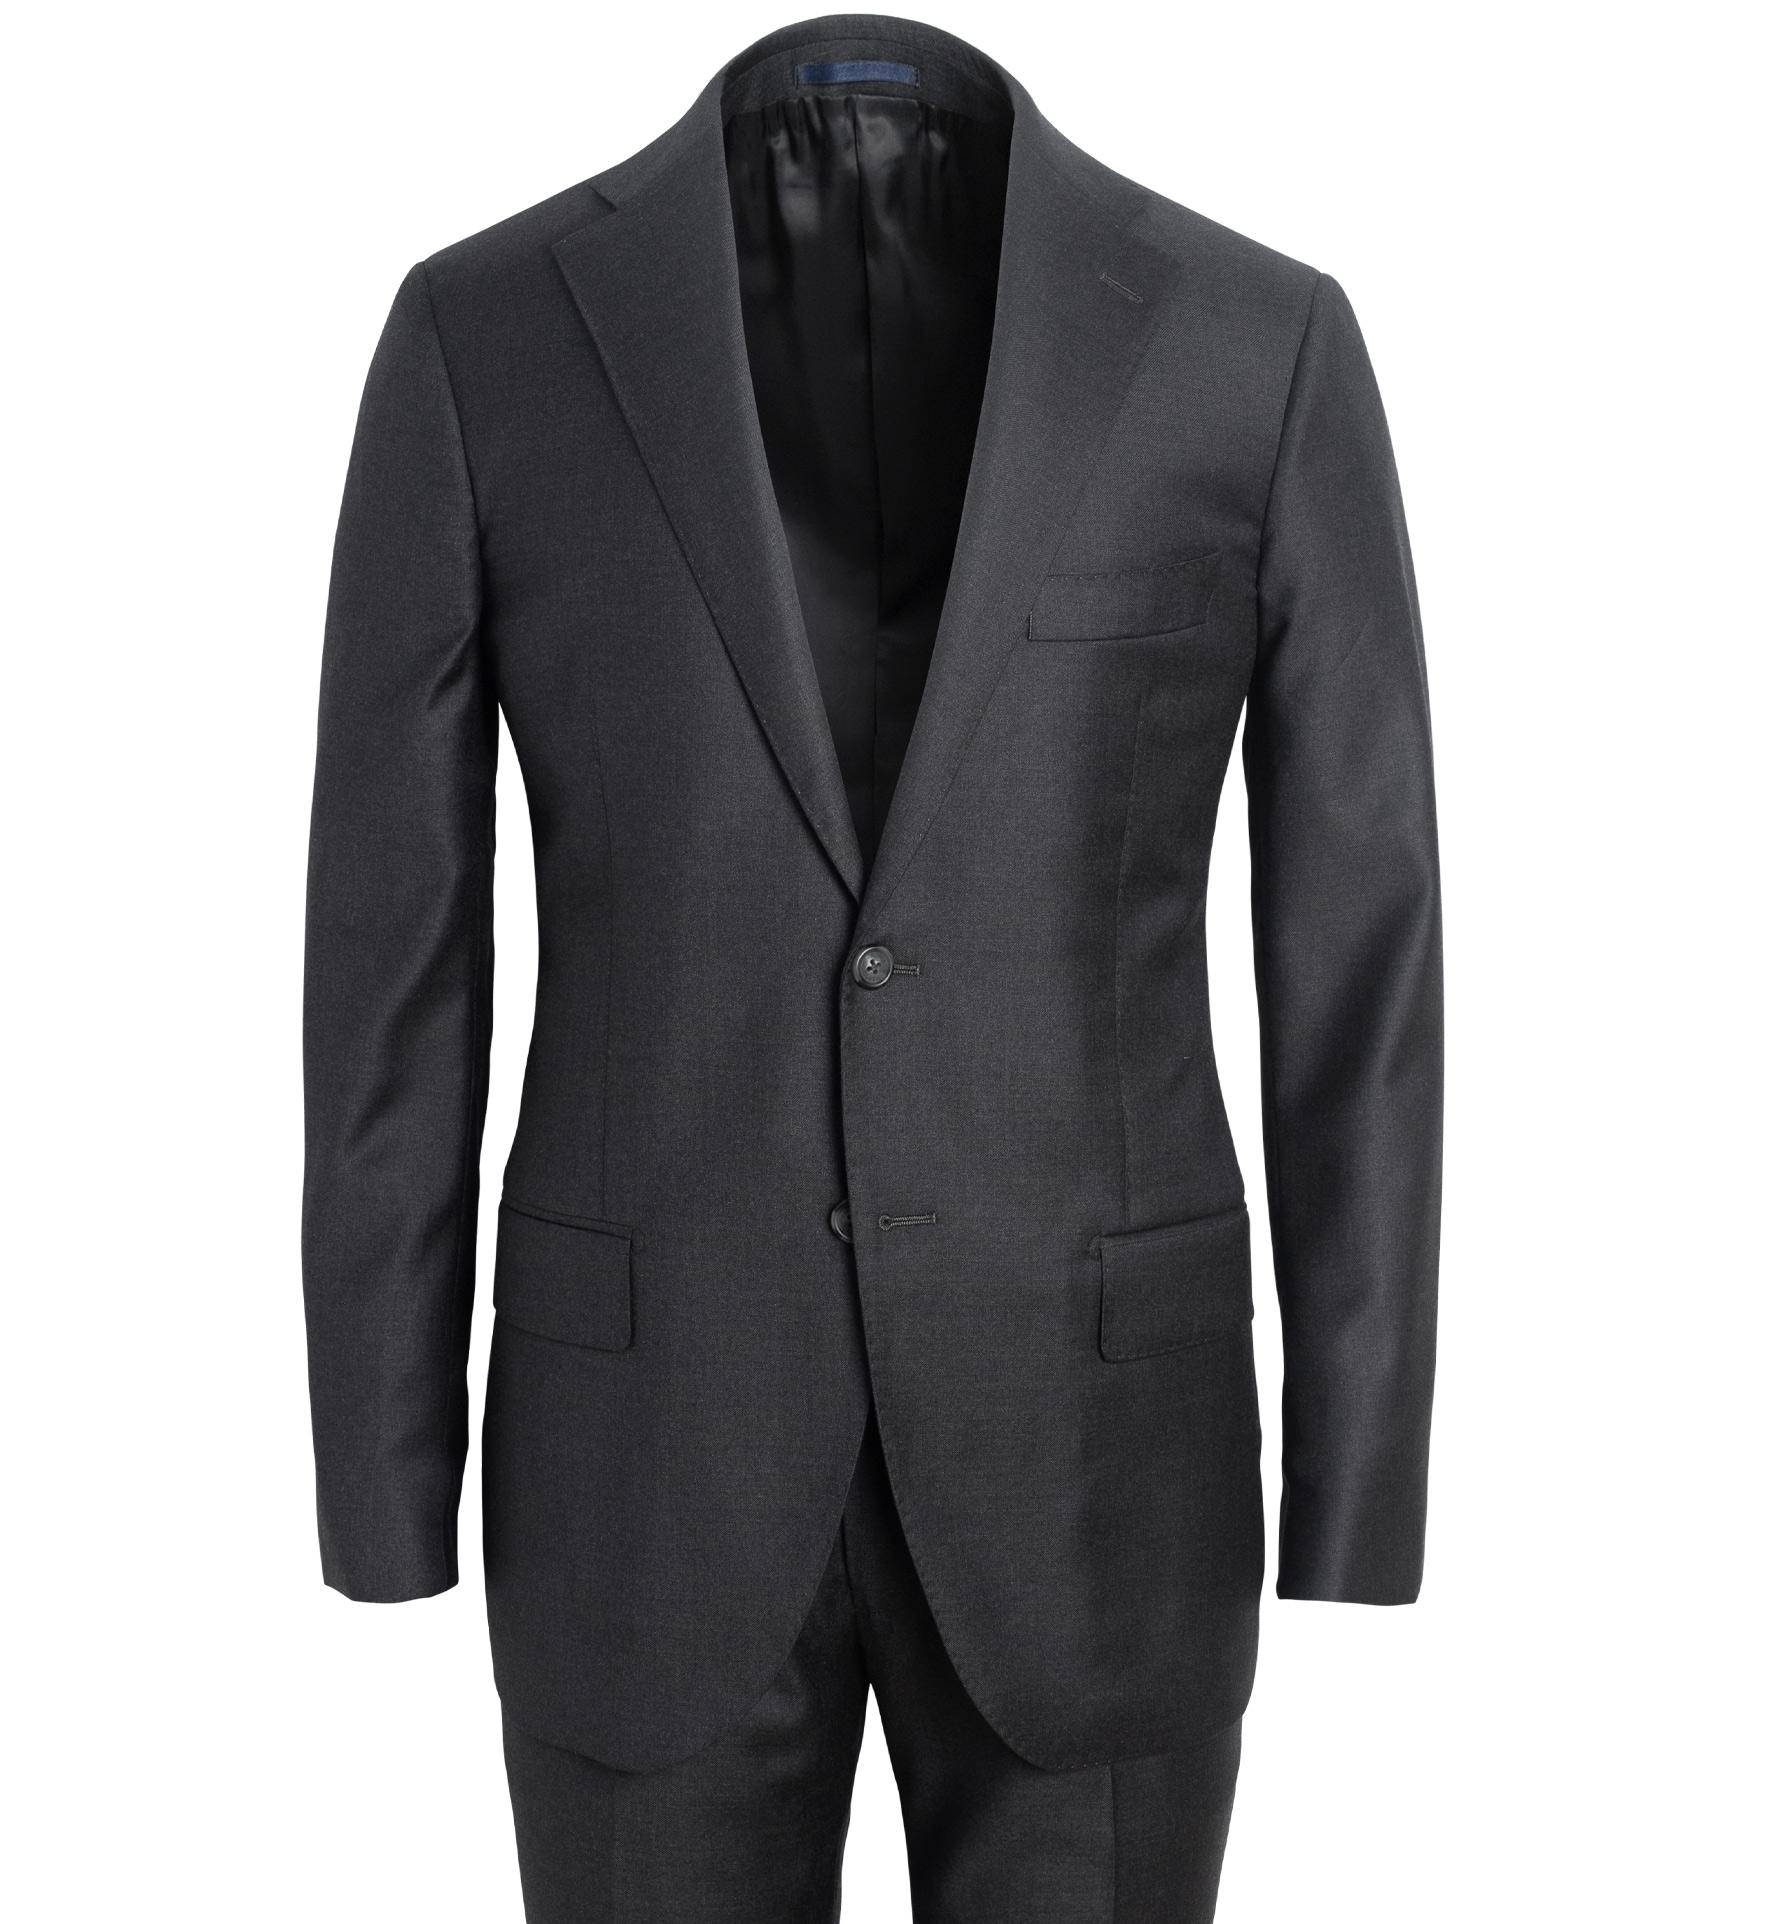 Zoom Image of Allen Grey S130s Wool Suit